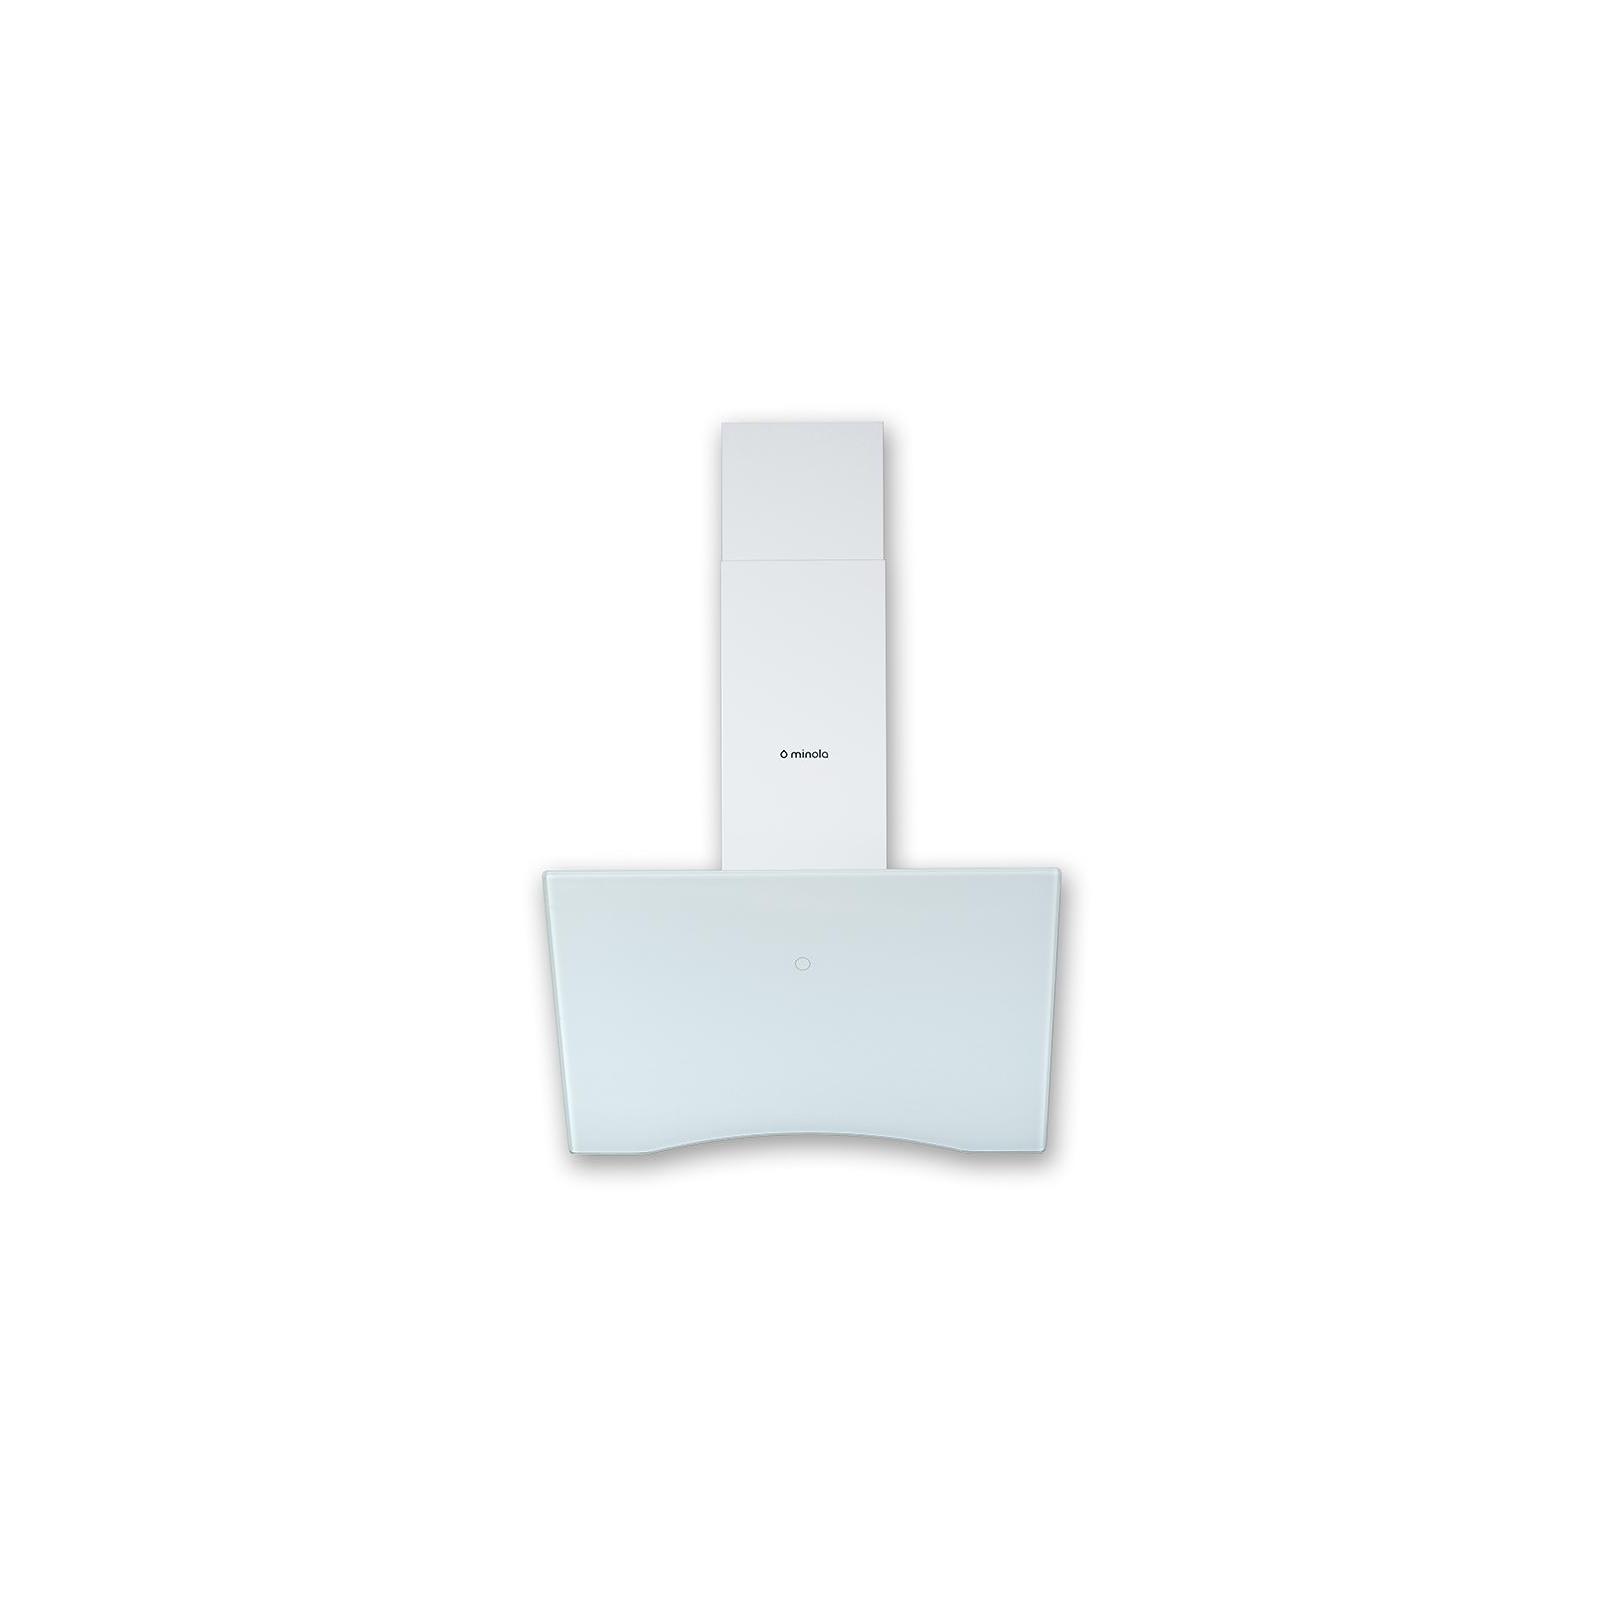 Вытяжка кухонная MINOLA HVS 6612 WH 1000 LED изображение 2